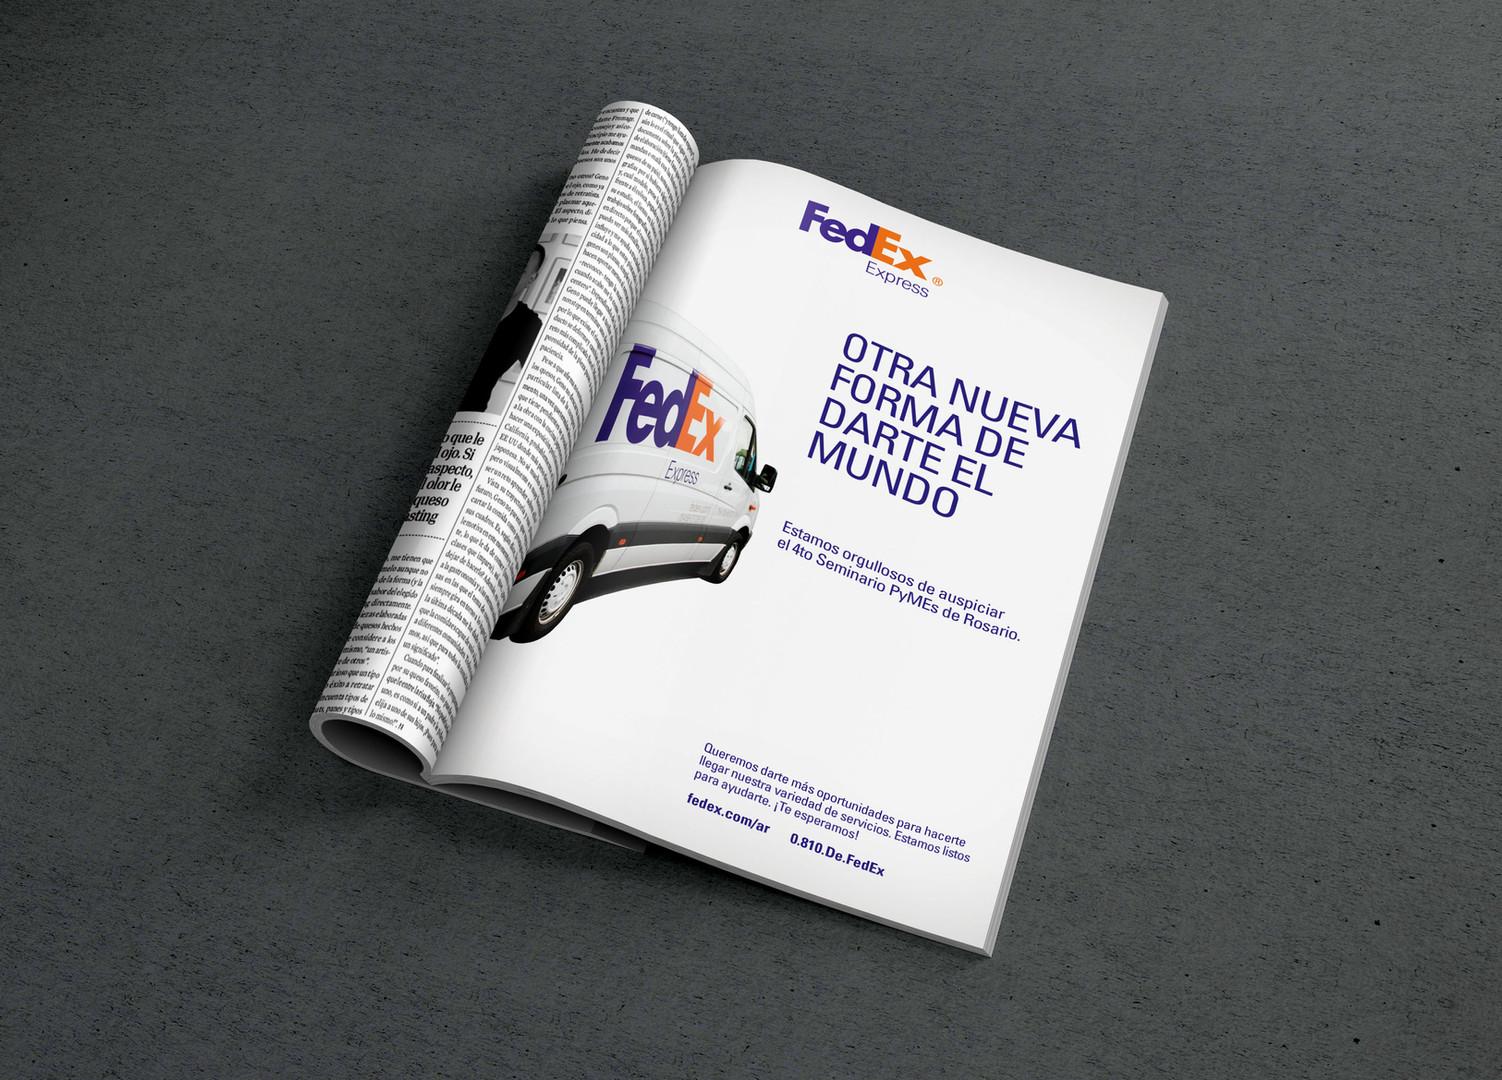 Fedex LATAM Magazine Ad  |  2016